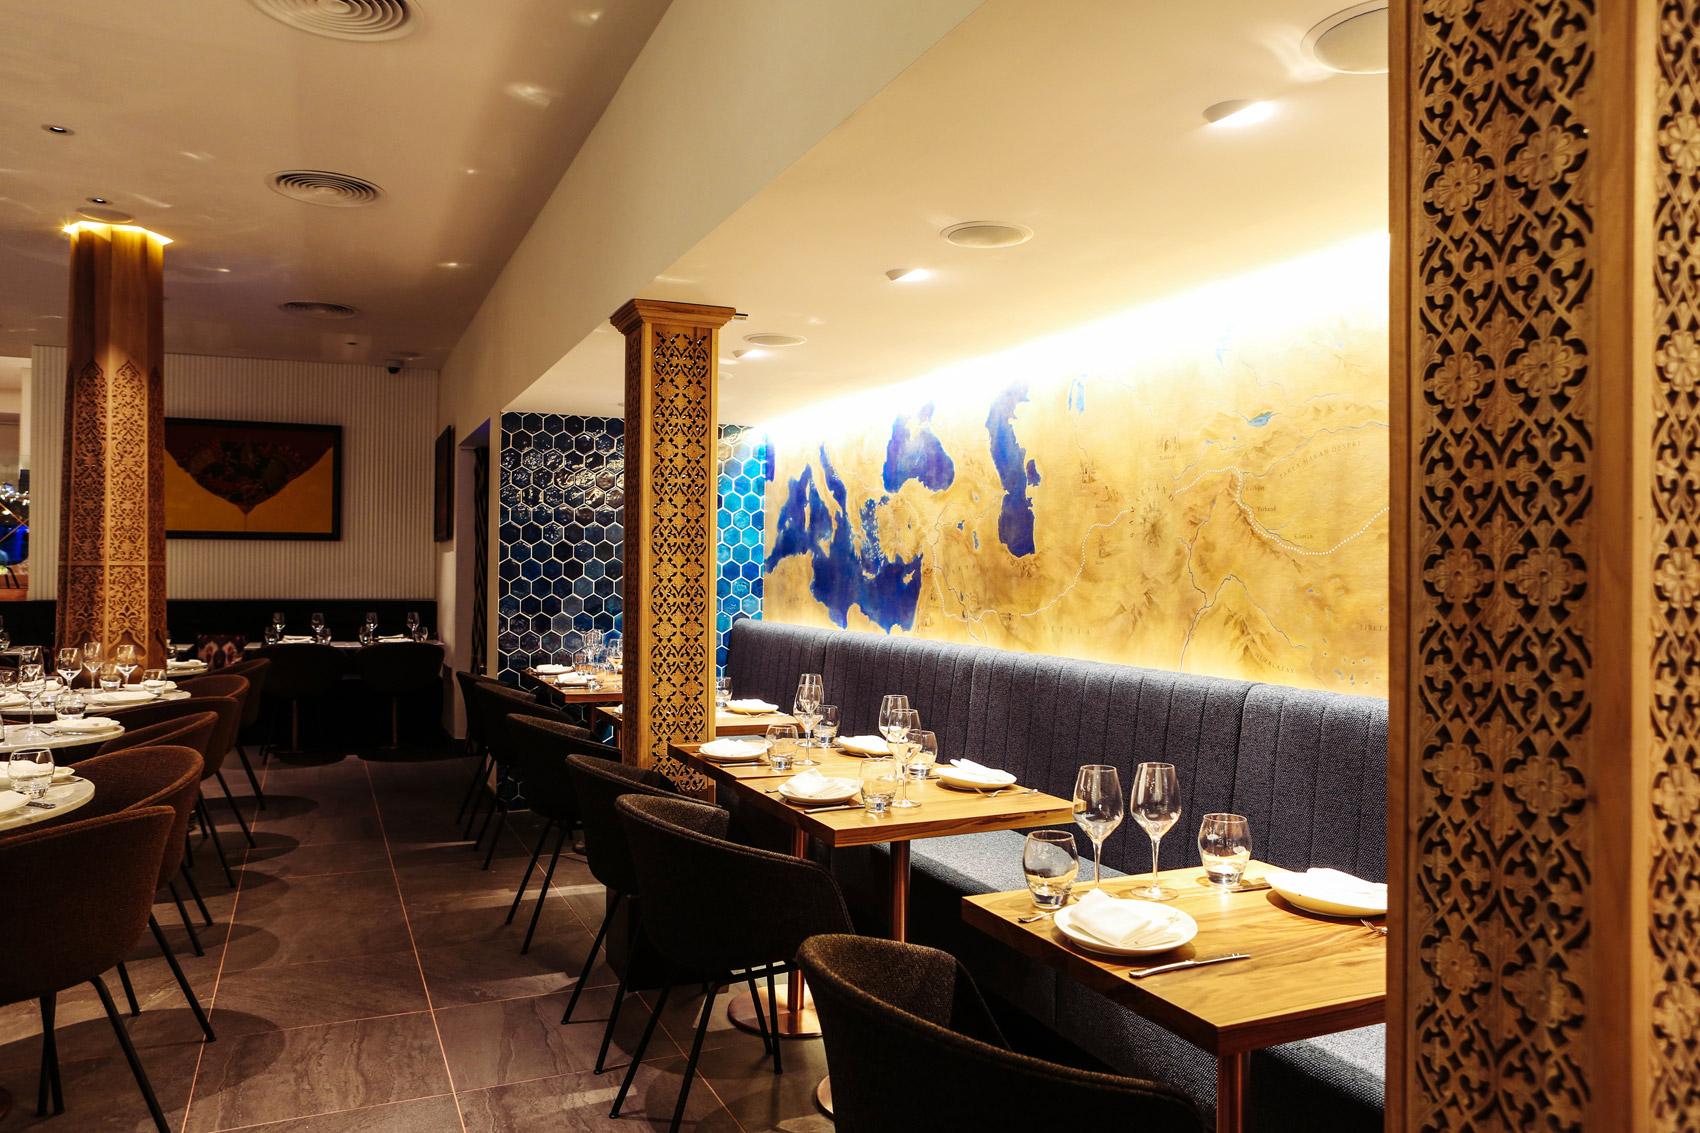 samarkand-restaurant-london-2